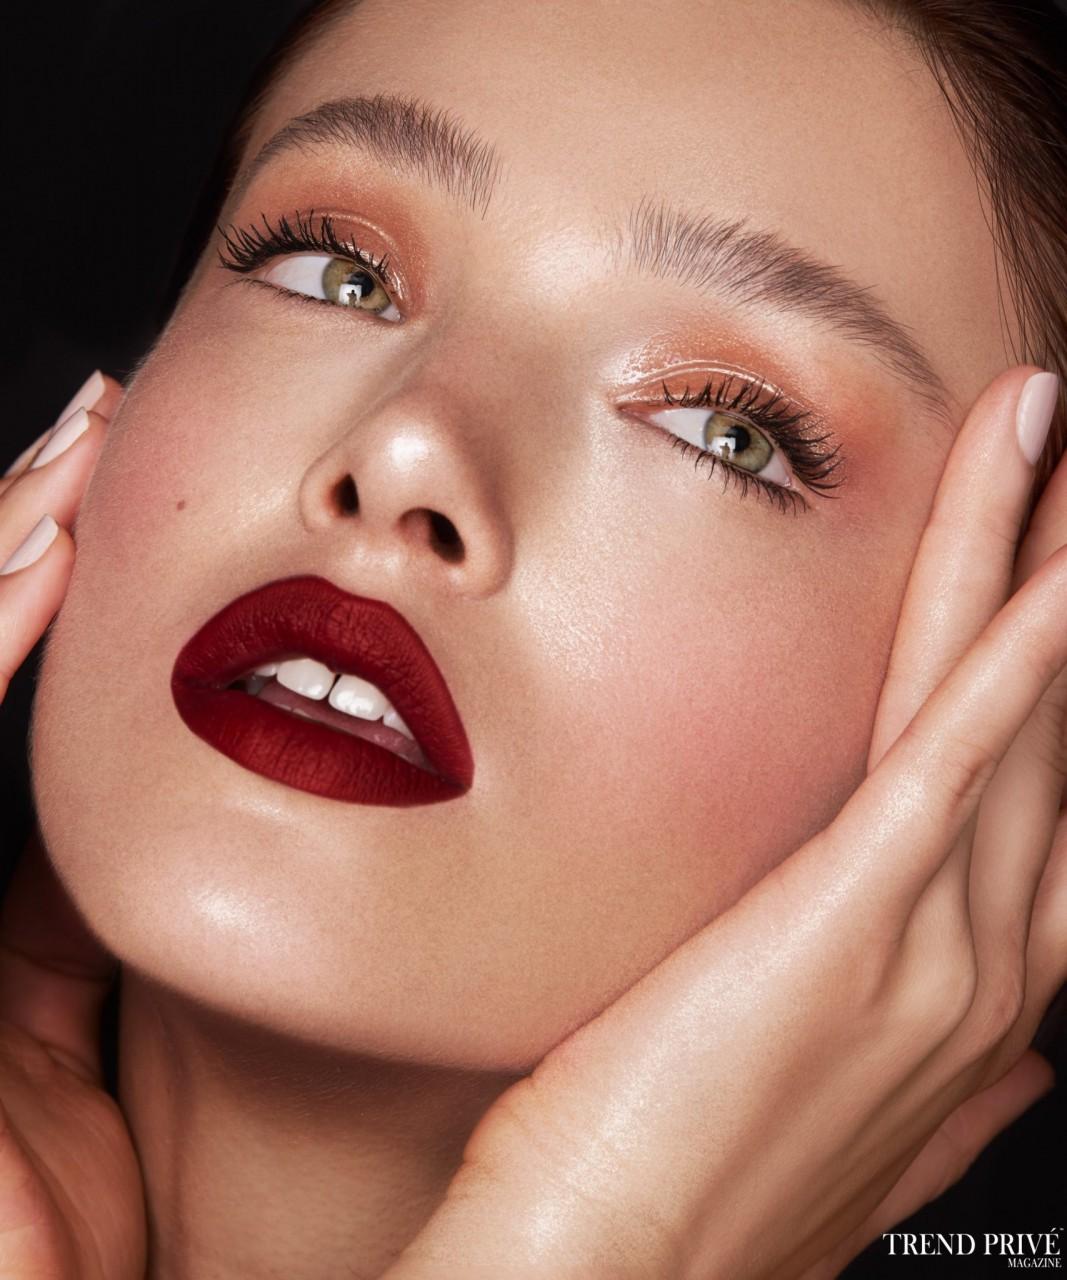 Olga-Shutieva-Beauty-agosto-20181131-1067x1280